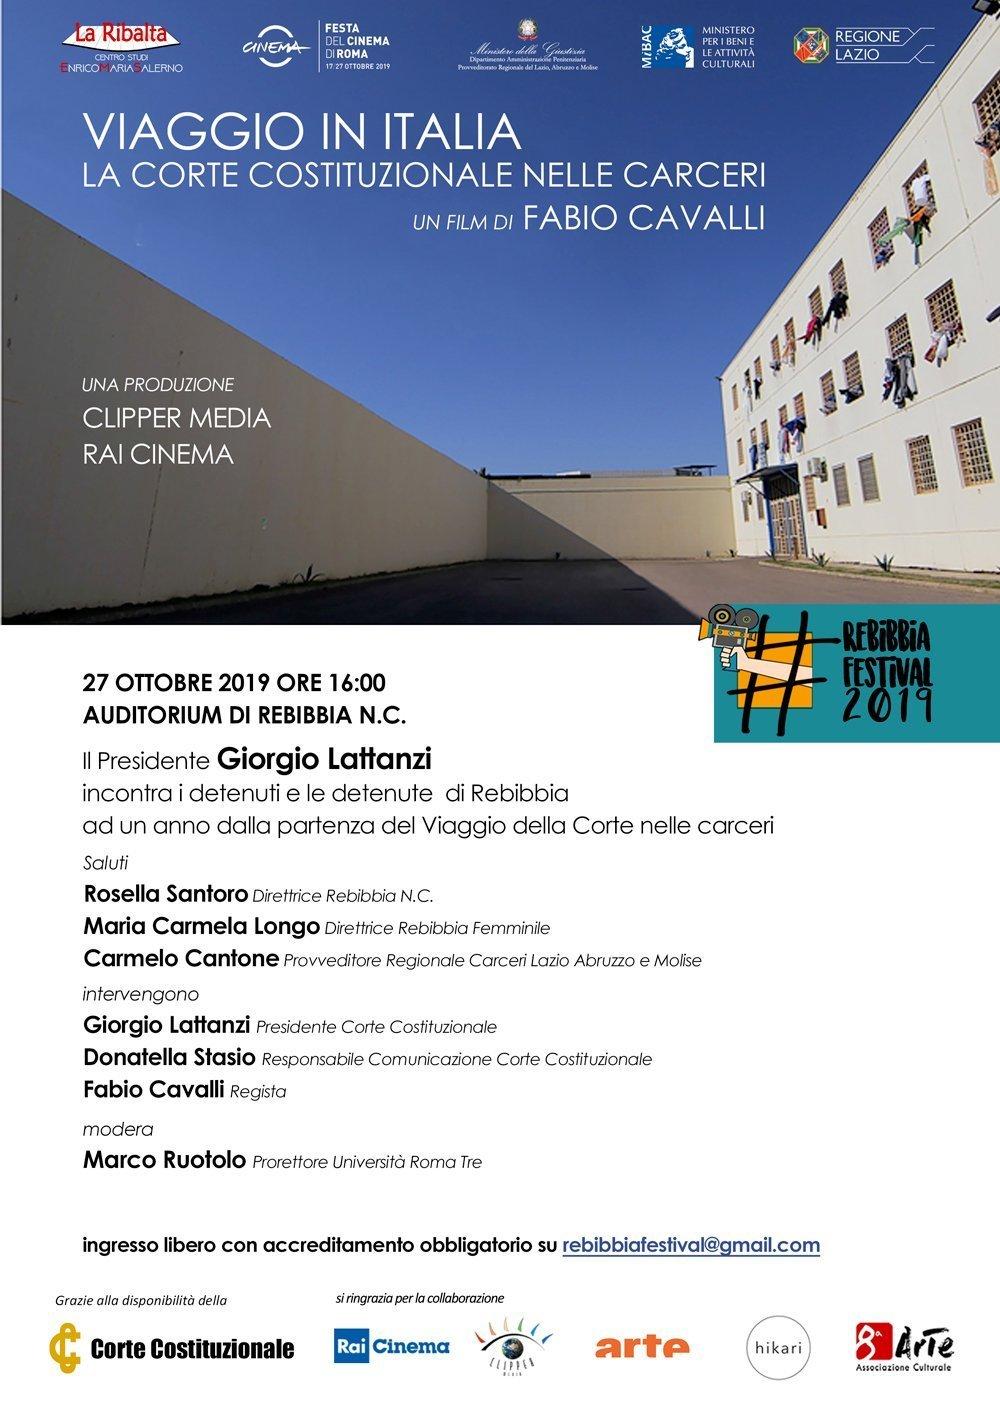 Viaggio in Italia - la Corte Costituzionale nelle Carceri